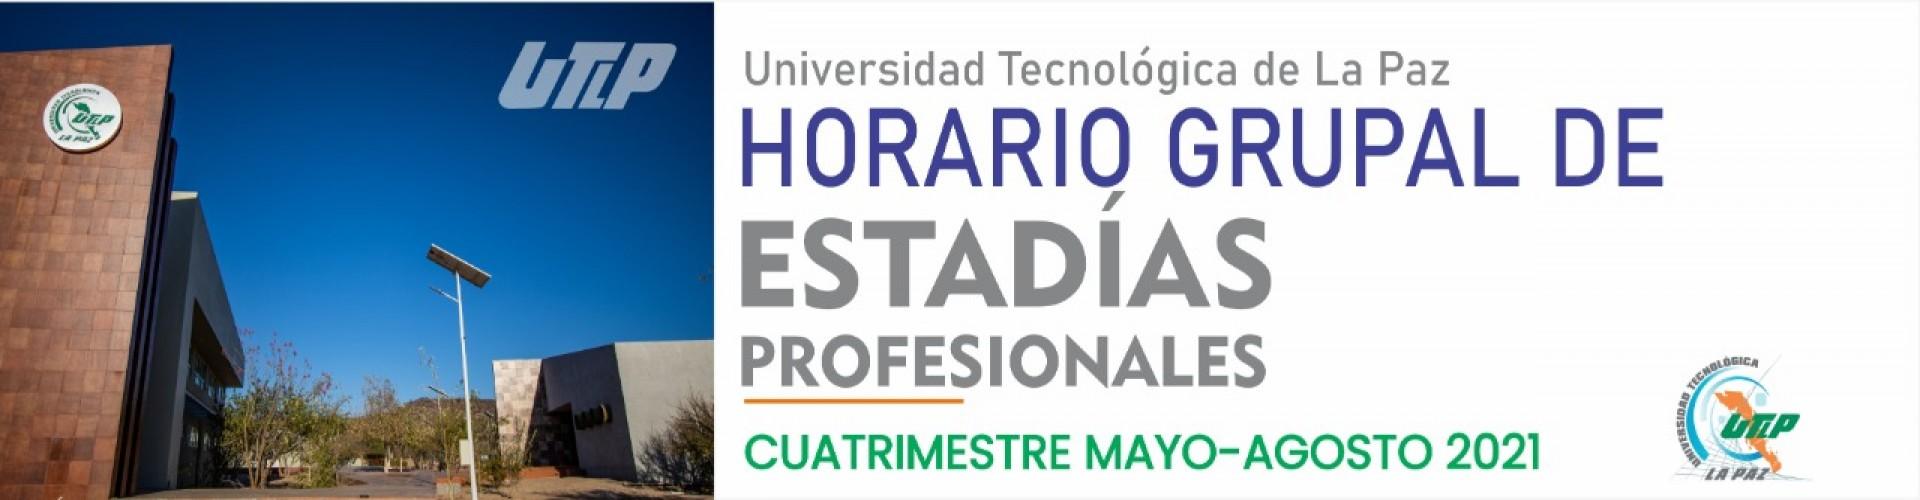 Horarios grupales para estadías profesionales Mayo - Agosto 2021